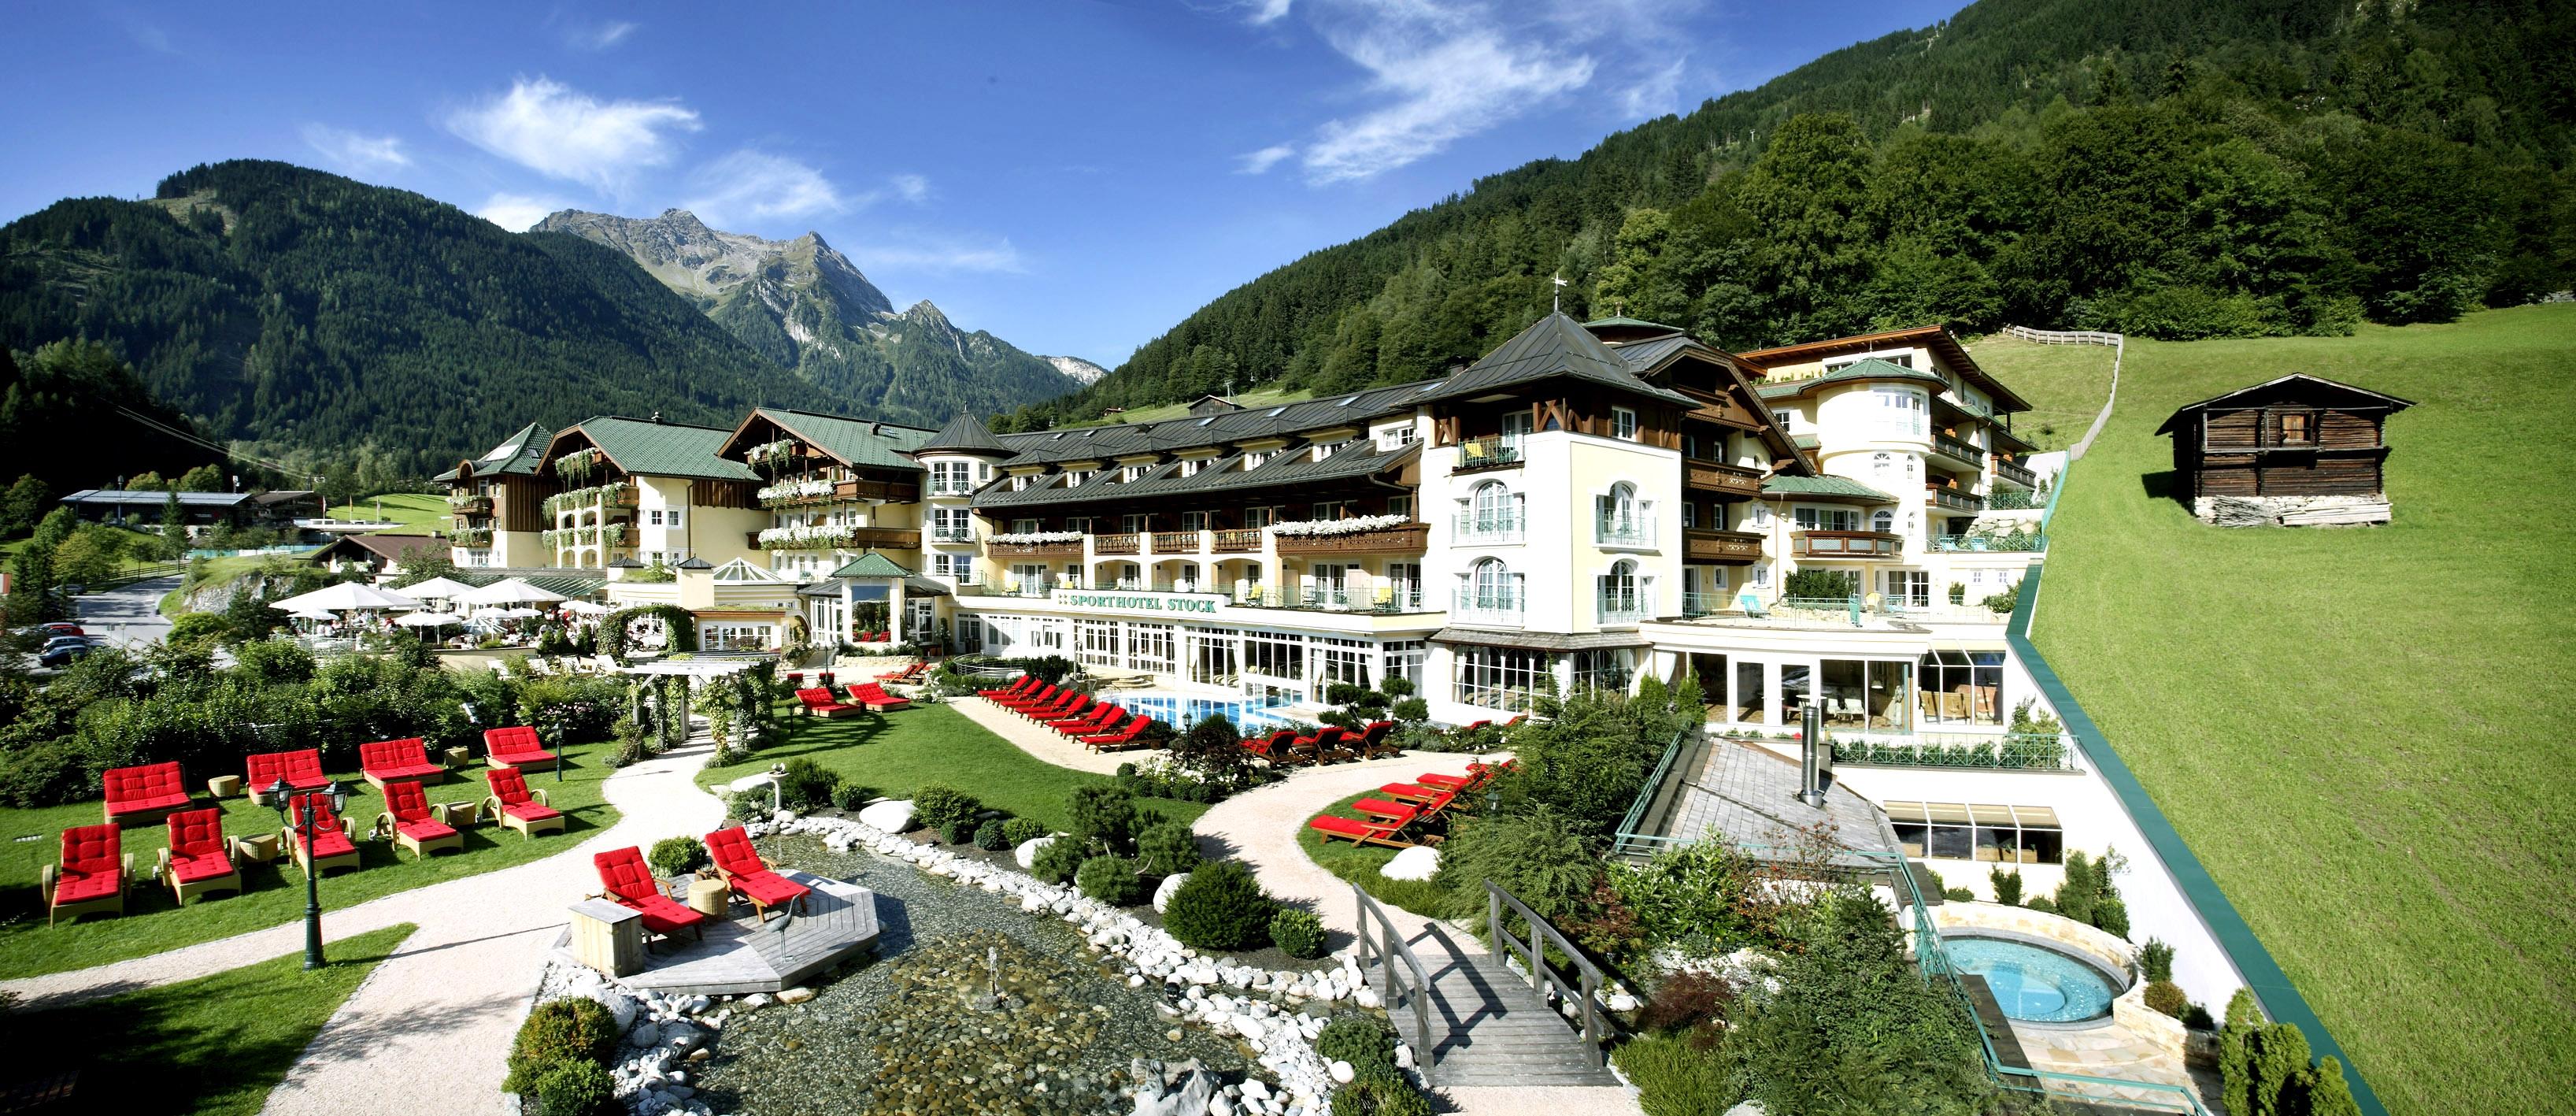 Die sch nsten wellness hotels sterreichs crowdranking for Hotelplaner architekten